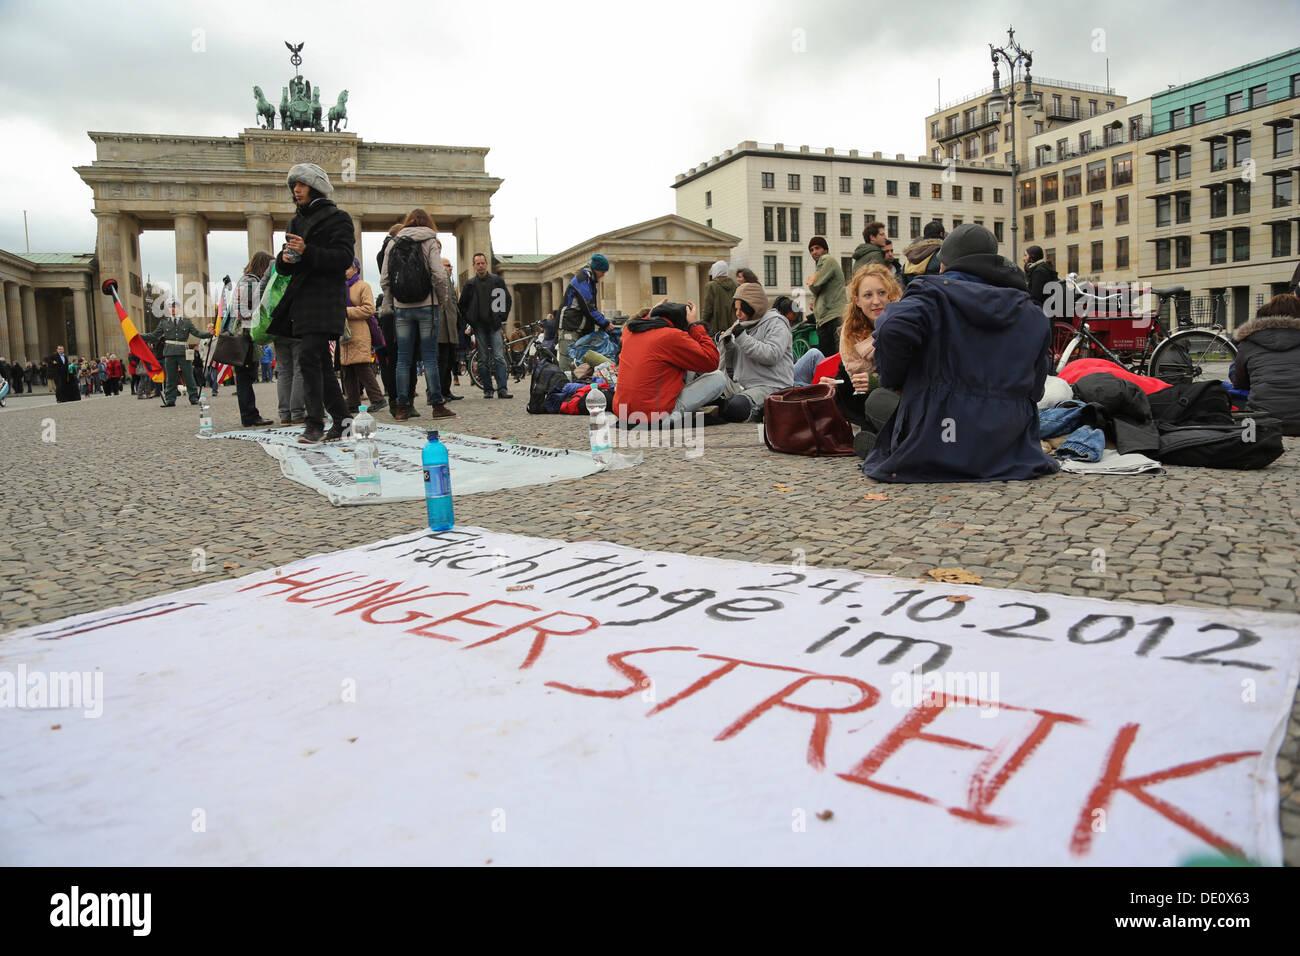 Grève de la faim des réfugiés pour un moratoire sur l'expulsion des demandeurs d'asile, les permis de travail et la suppression de l'obligation de résidence Photo Stock